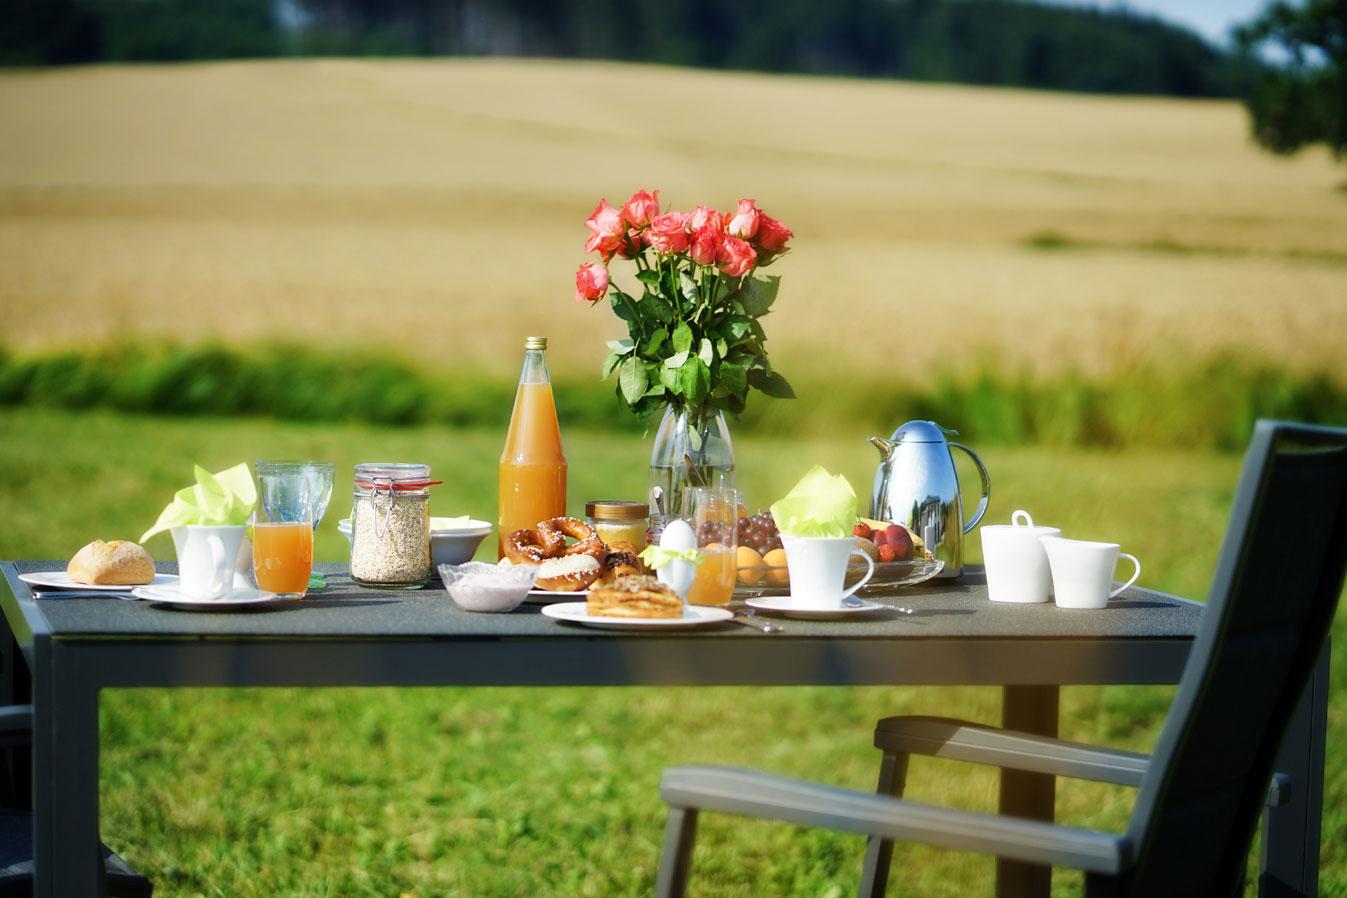 Frühstück inmitten der Natur